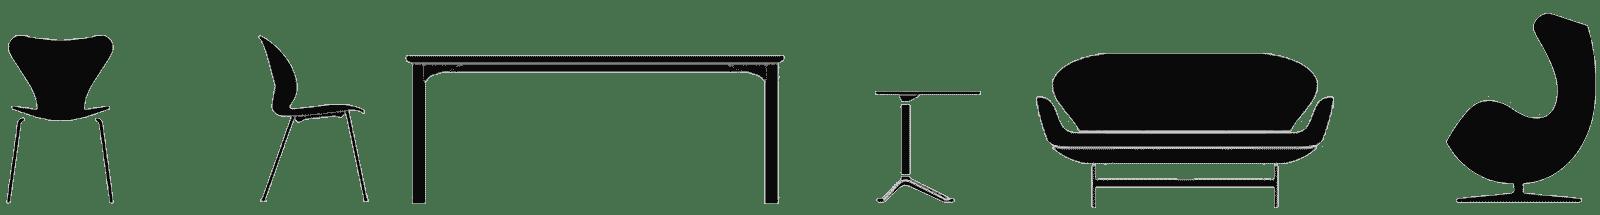 Webshop Webdesign Online-Shop Homepage Corporate Design Grafik Design Logo Brand Kreation Firmendrucksachen Briefschaften Schriftzug Fotografie Digitale Bildbearbeitung Photo-Composing Video-Erstellung Motion-Design Movie-Editing ShowMyProject Digital Agentur Basel 2021